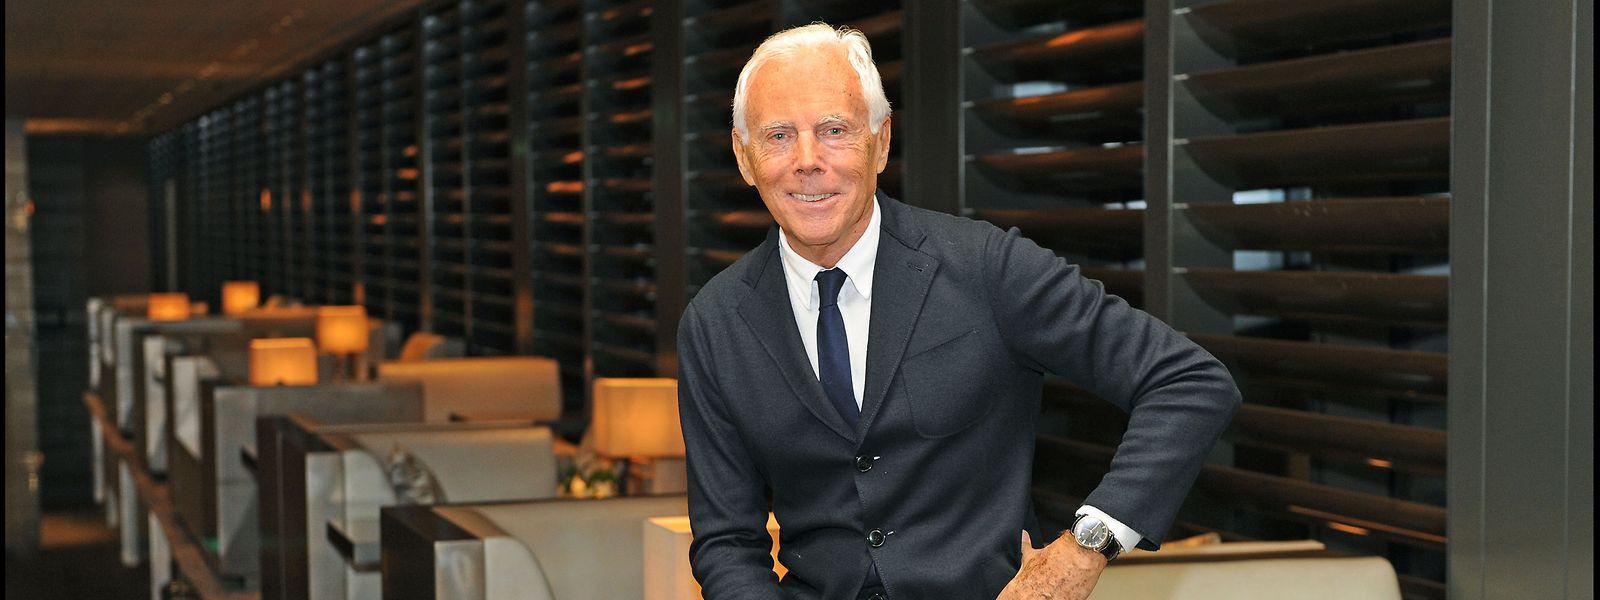 Giorgio Armani ist alleiniger Eigentümer des von ihm 1975 gegründeten internationalen Modeunternehmens Giorgio Armani SpA, das in 60 Ländern mehr als 2000 Ladengeschäfte betreibt.